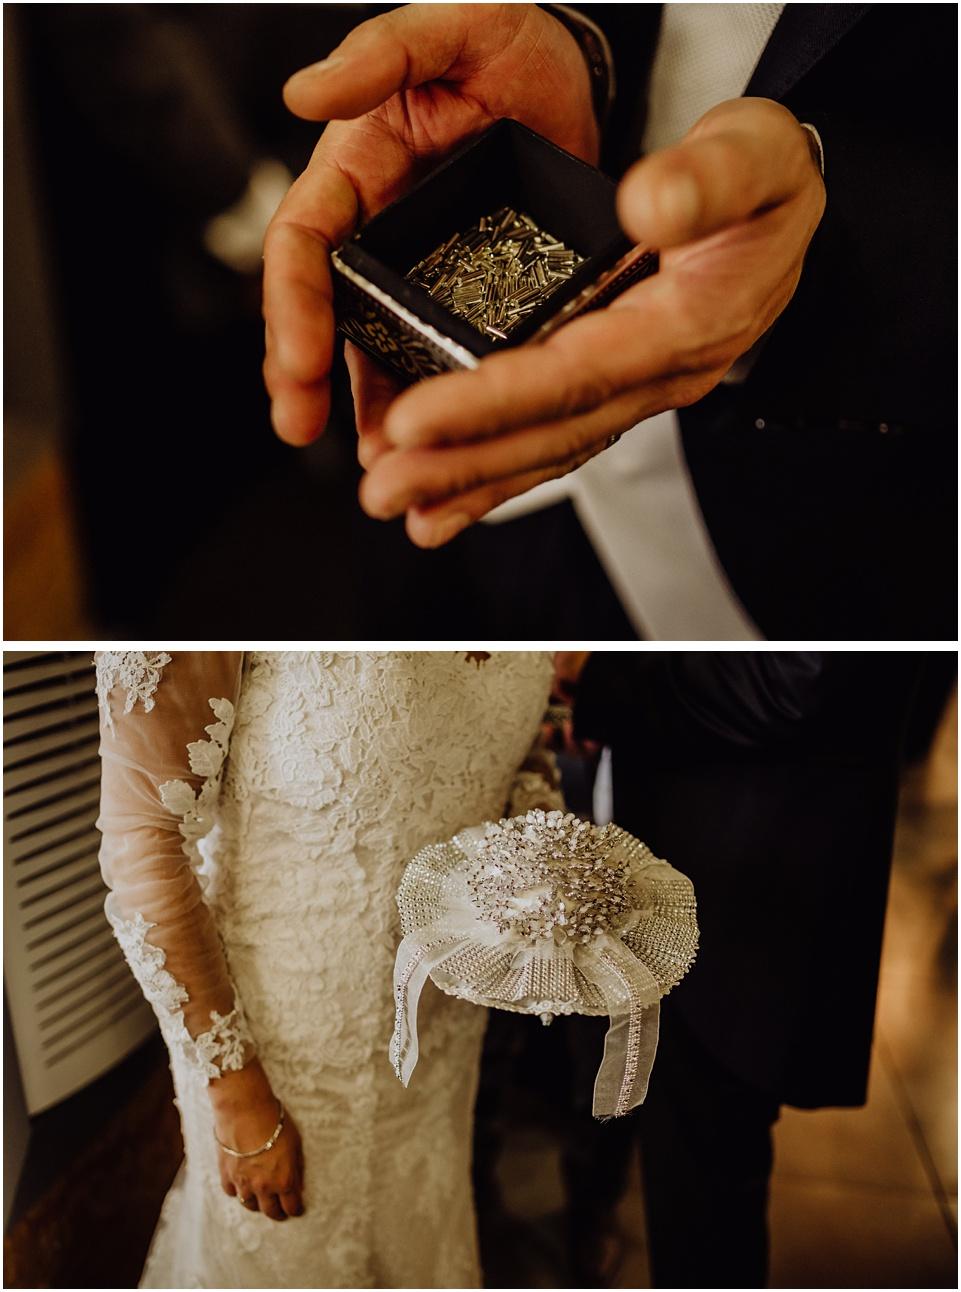 Fotografia de boda en el hotel acg de Los Villares